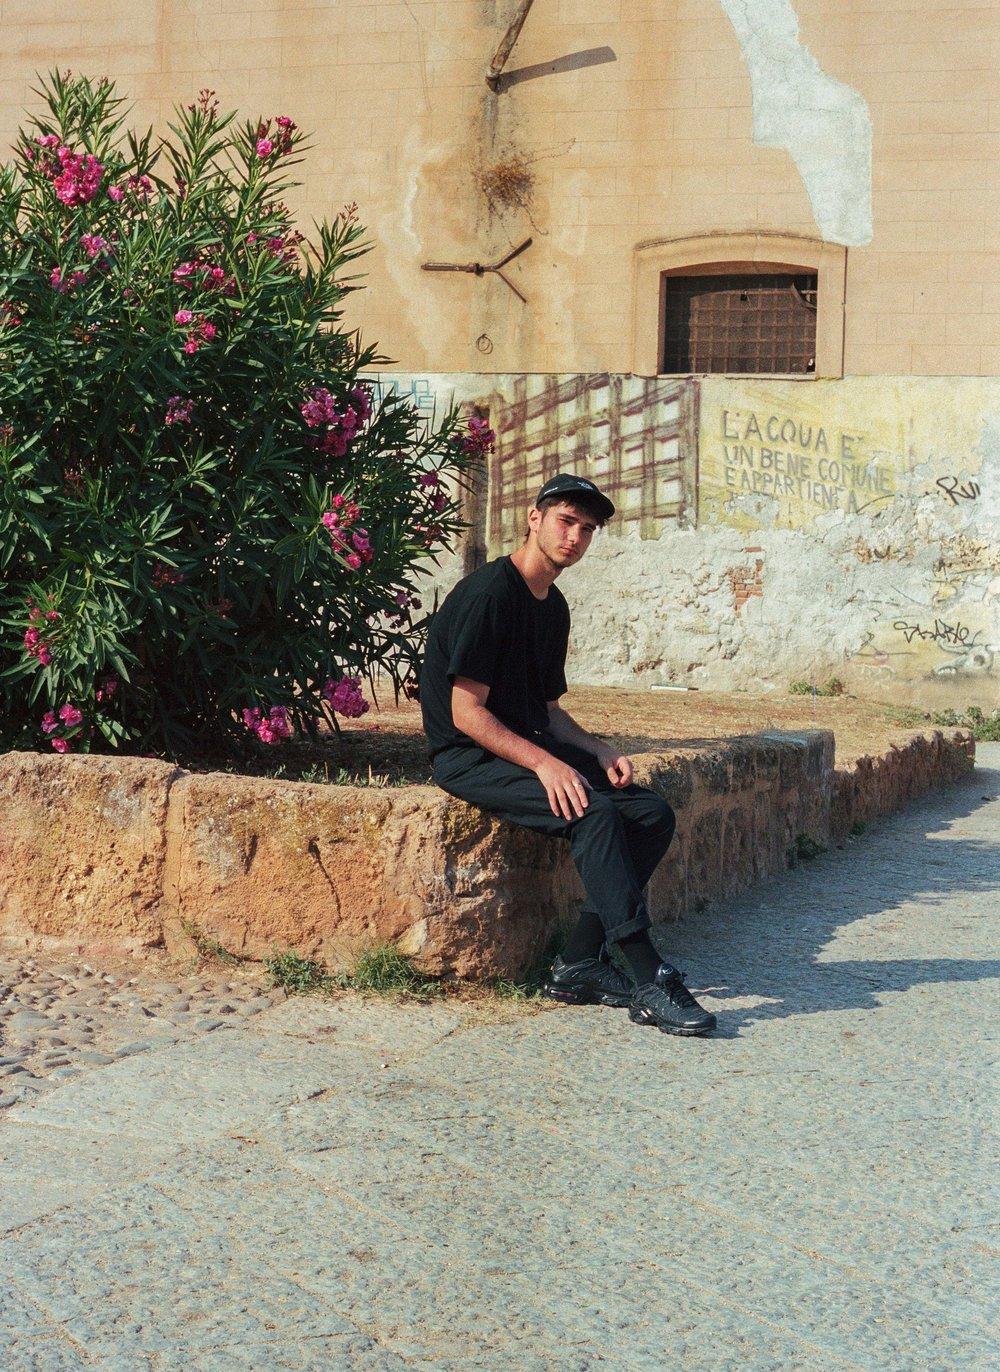 Palermo_72dpi-4.jpg